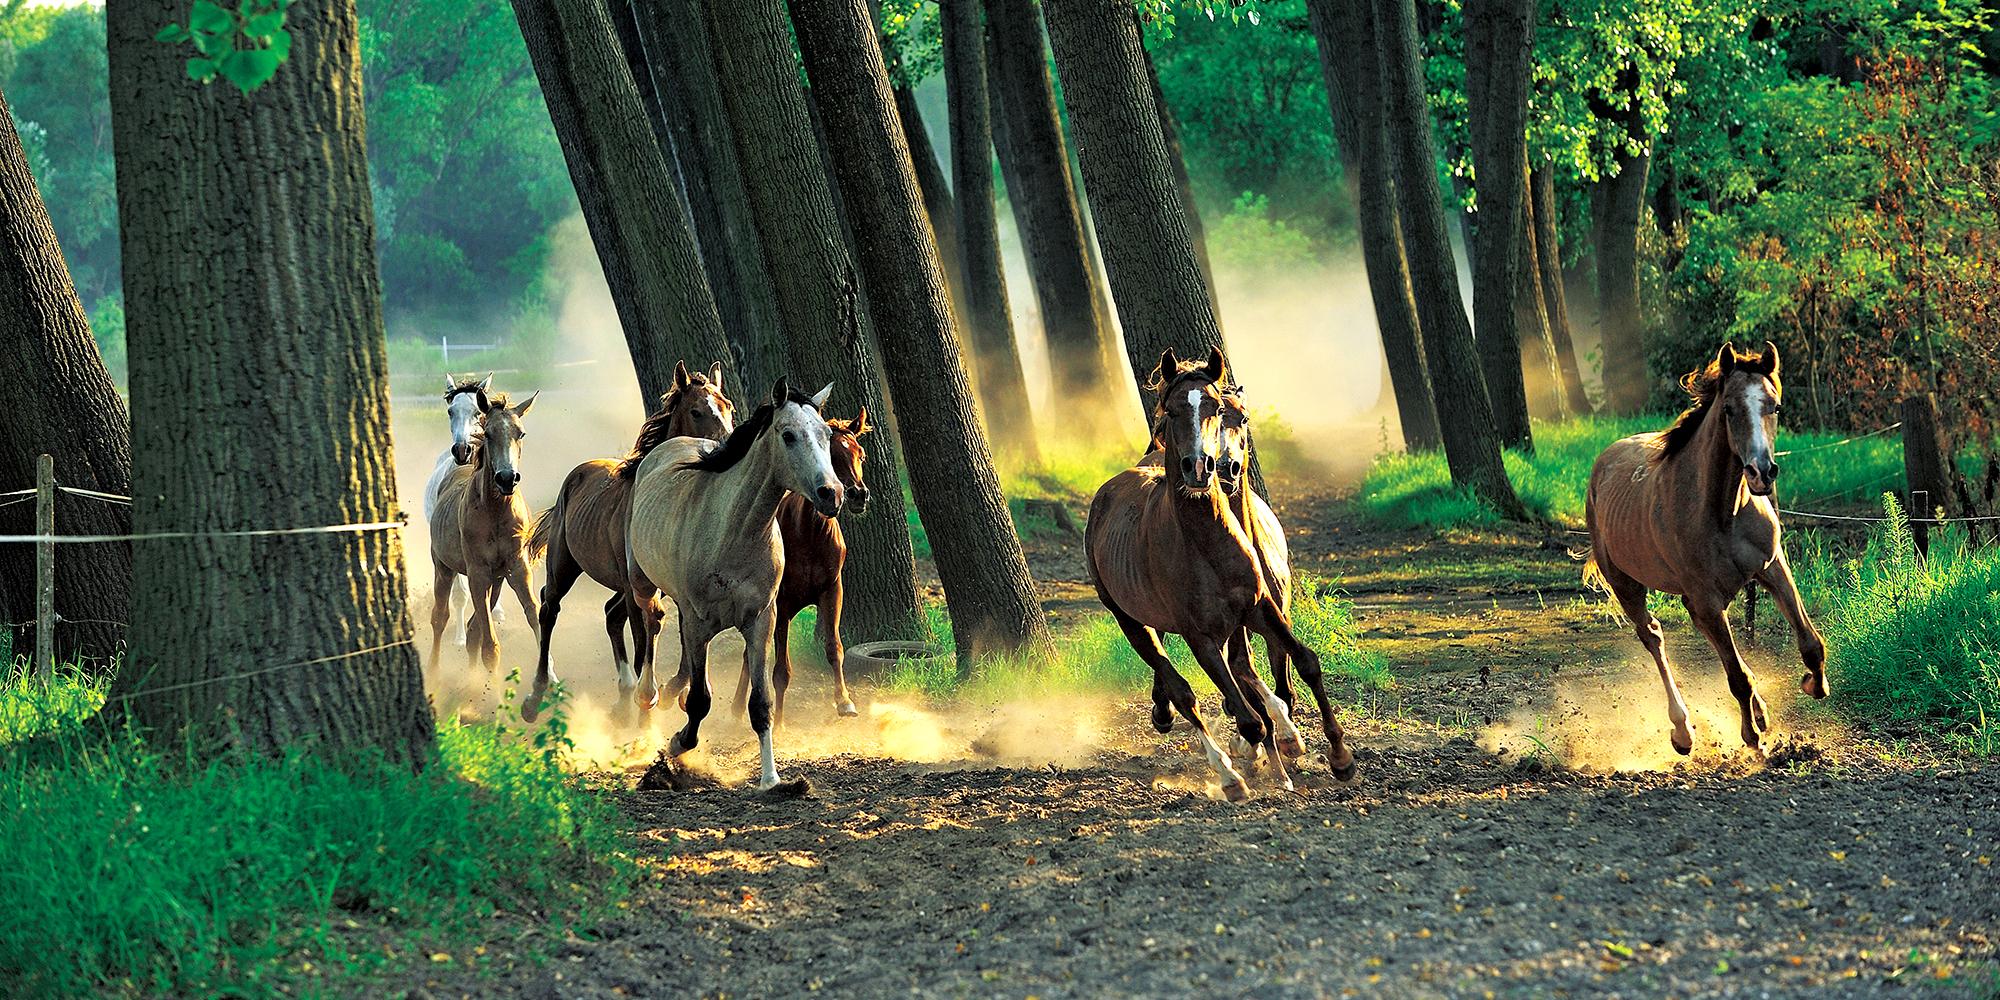 理想の馬と出会う、乗馬大国ハンガリーの2つの生産・育成牧場 ①_バーボルナ国立スタッド・ファーム